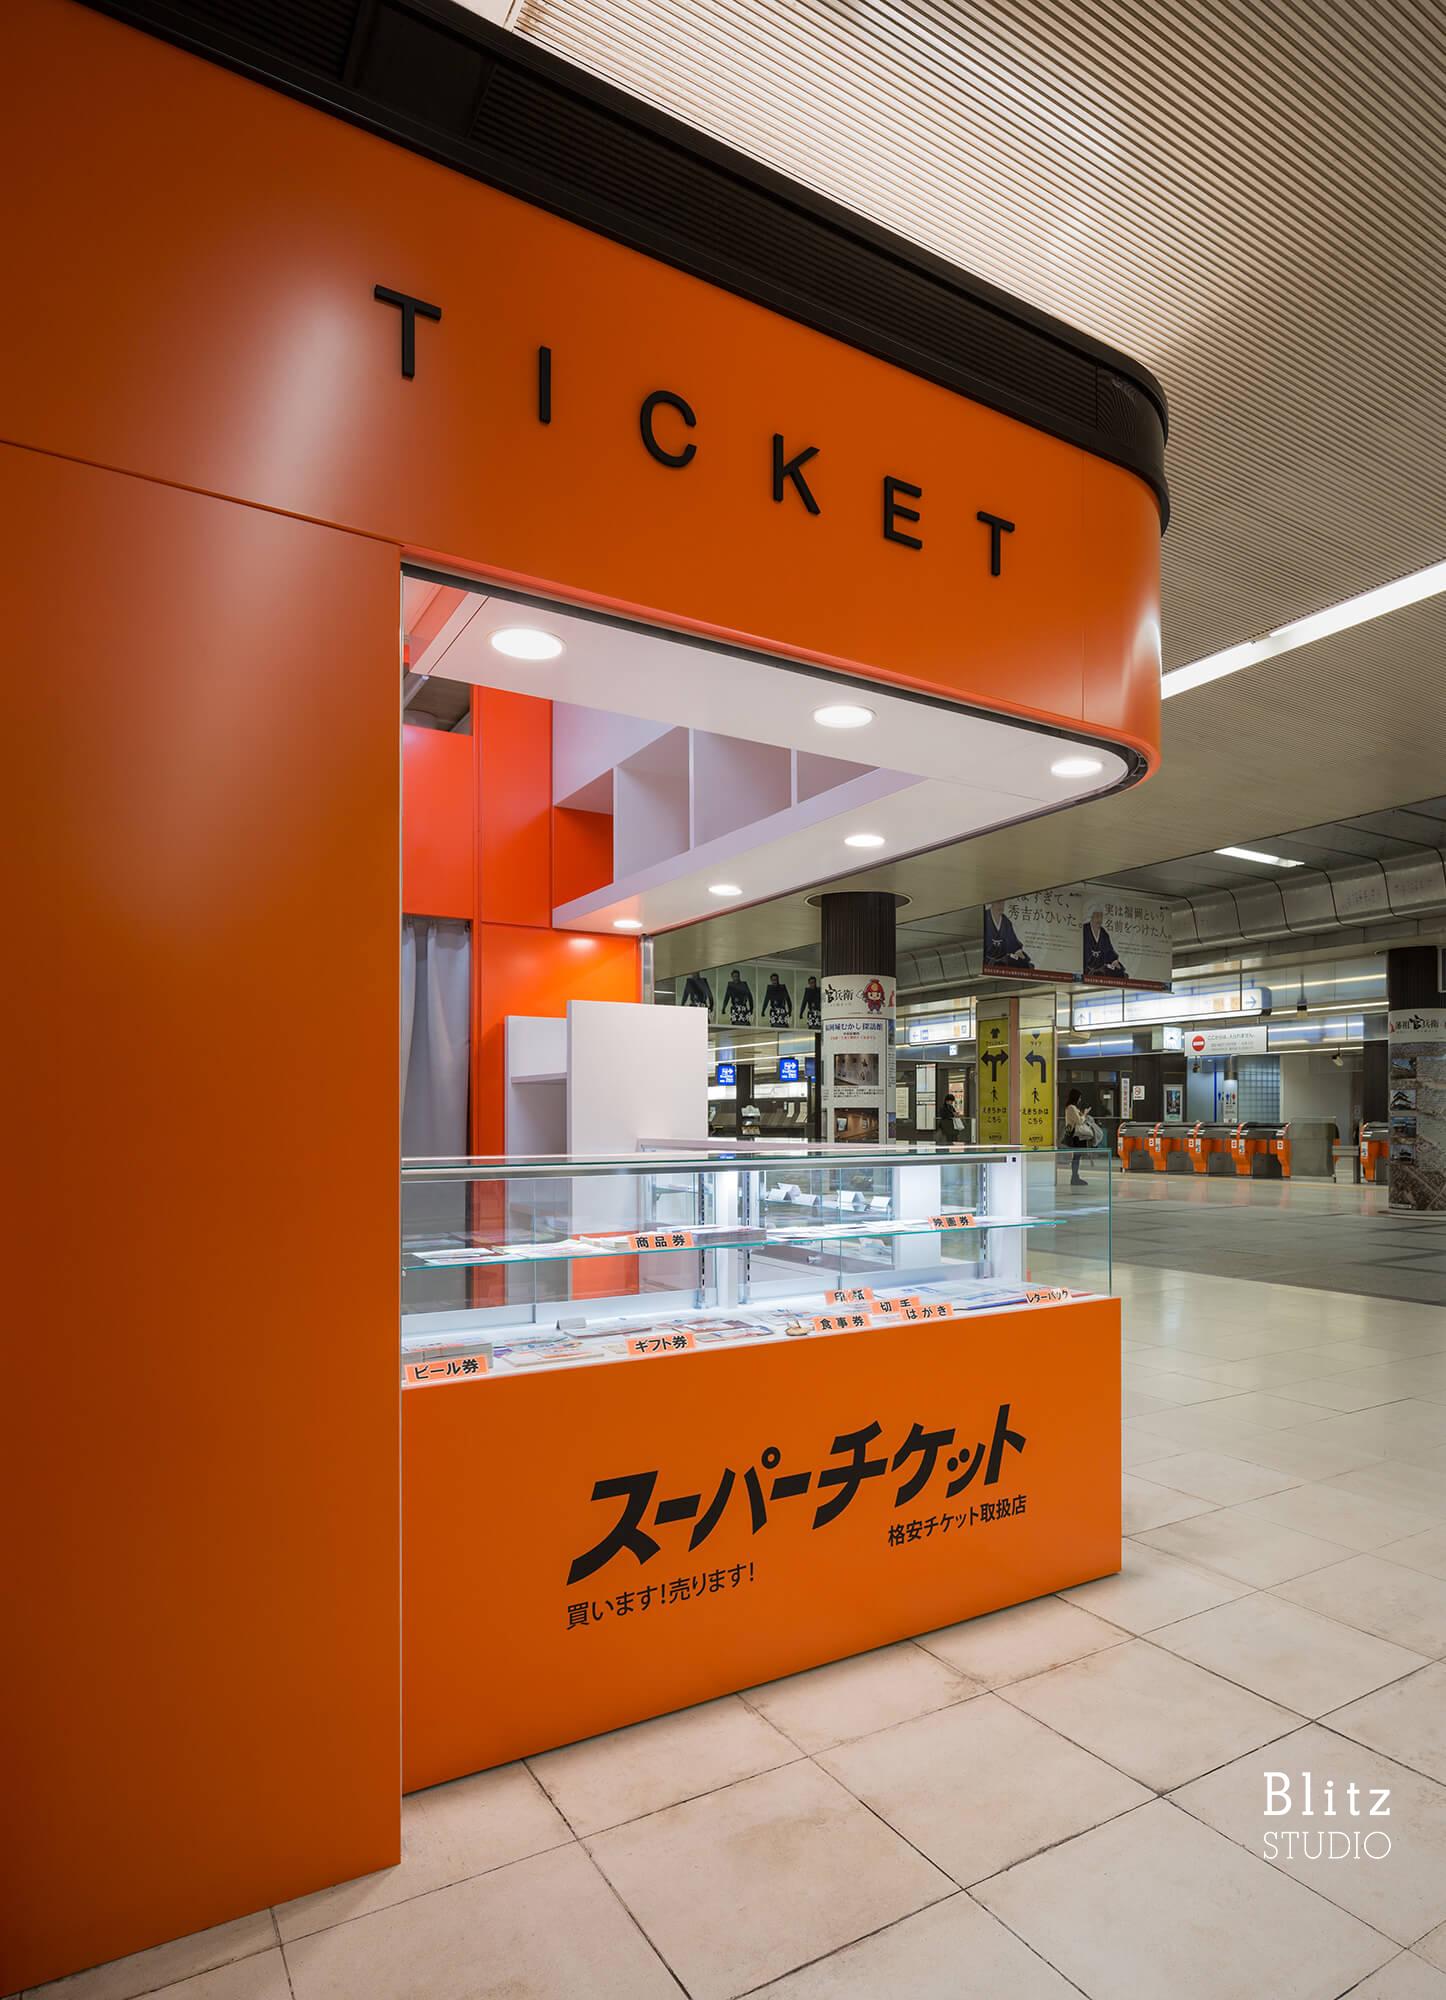 『スーパーチケット 地下鉄博多口店』-福岡県福岡市-建築写真・竣工写真・インテリア写真4